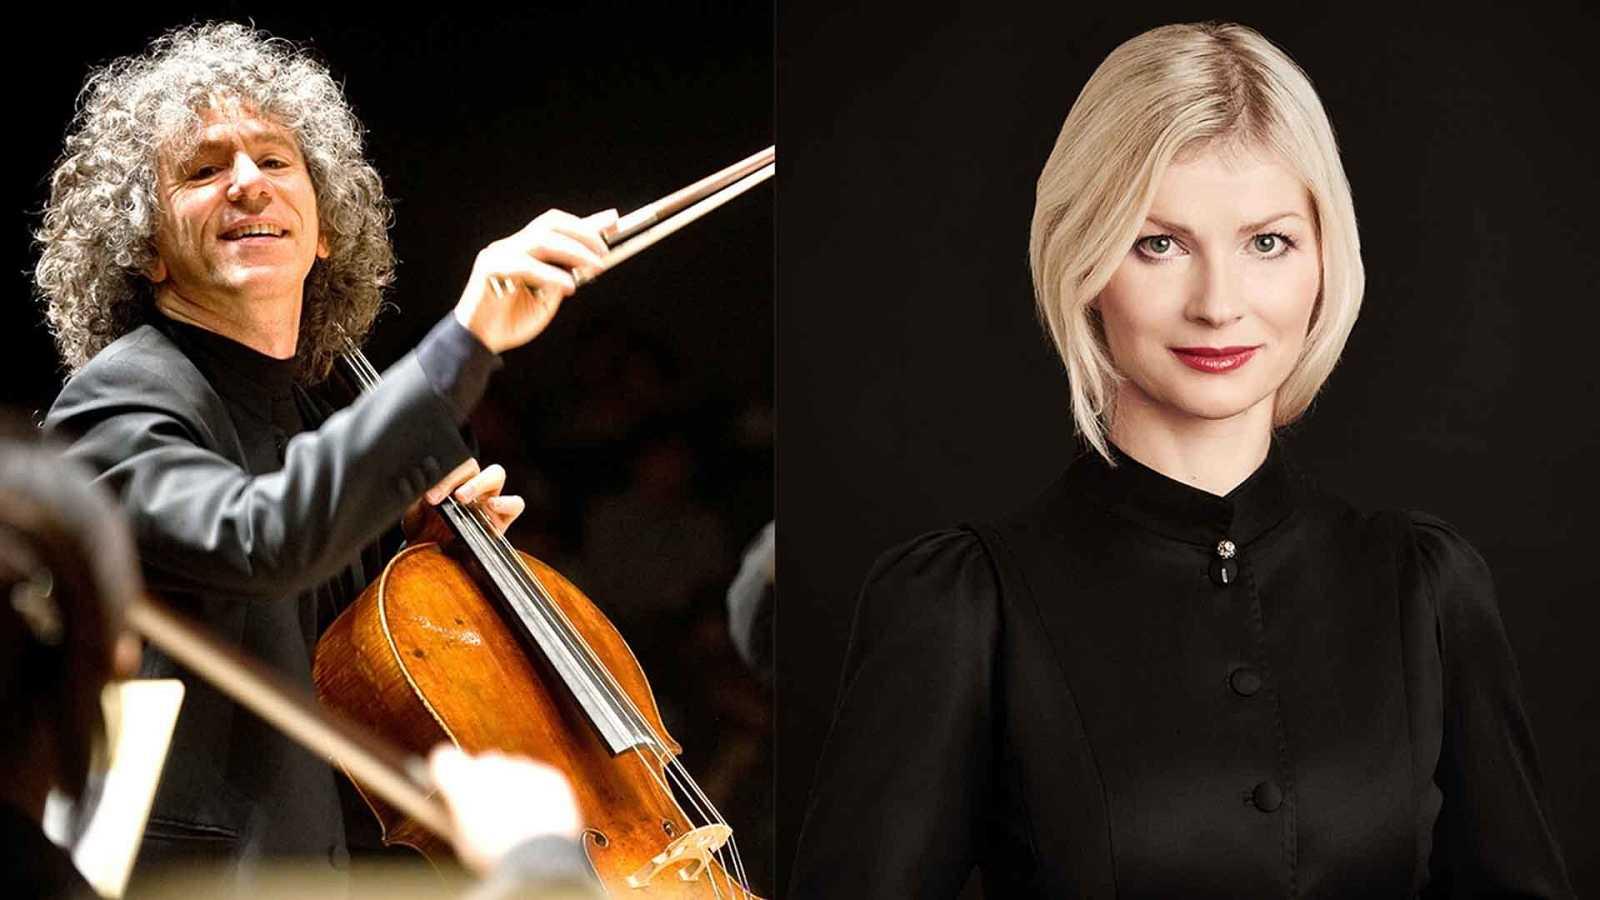 El chelista Steven Isserlis y la directora de orquesta Anu Tali